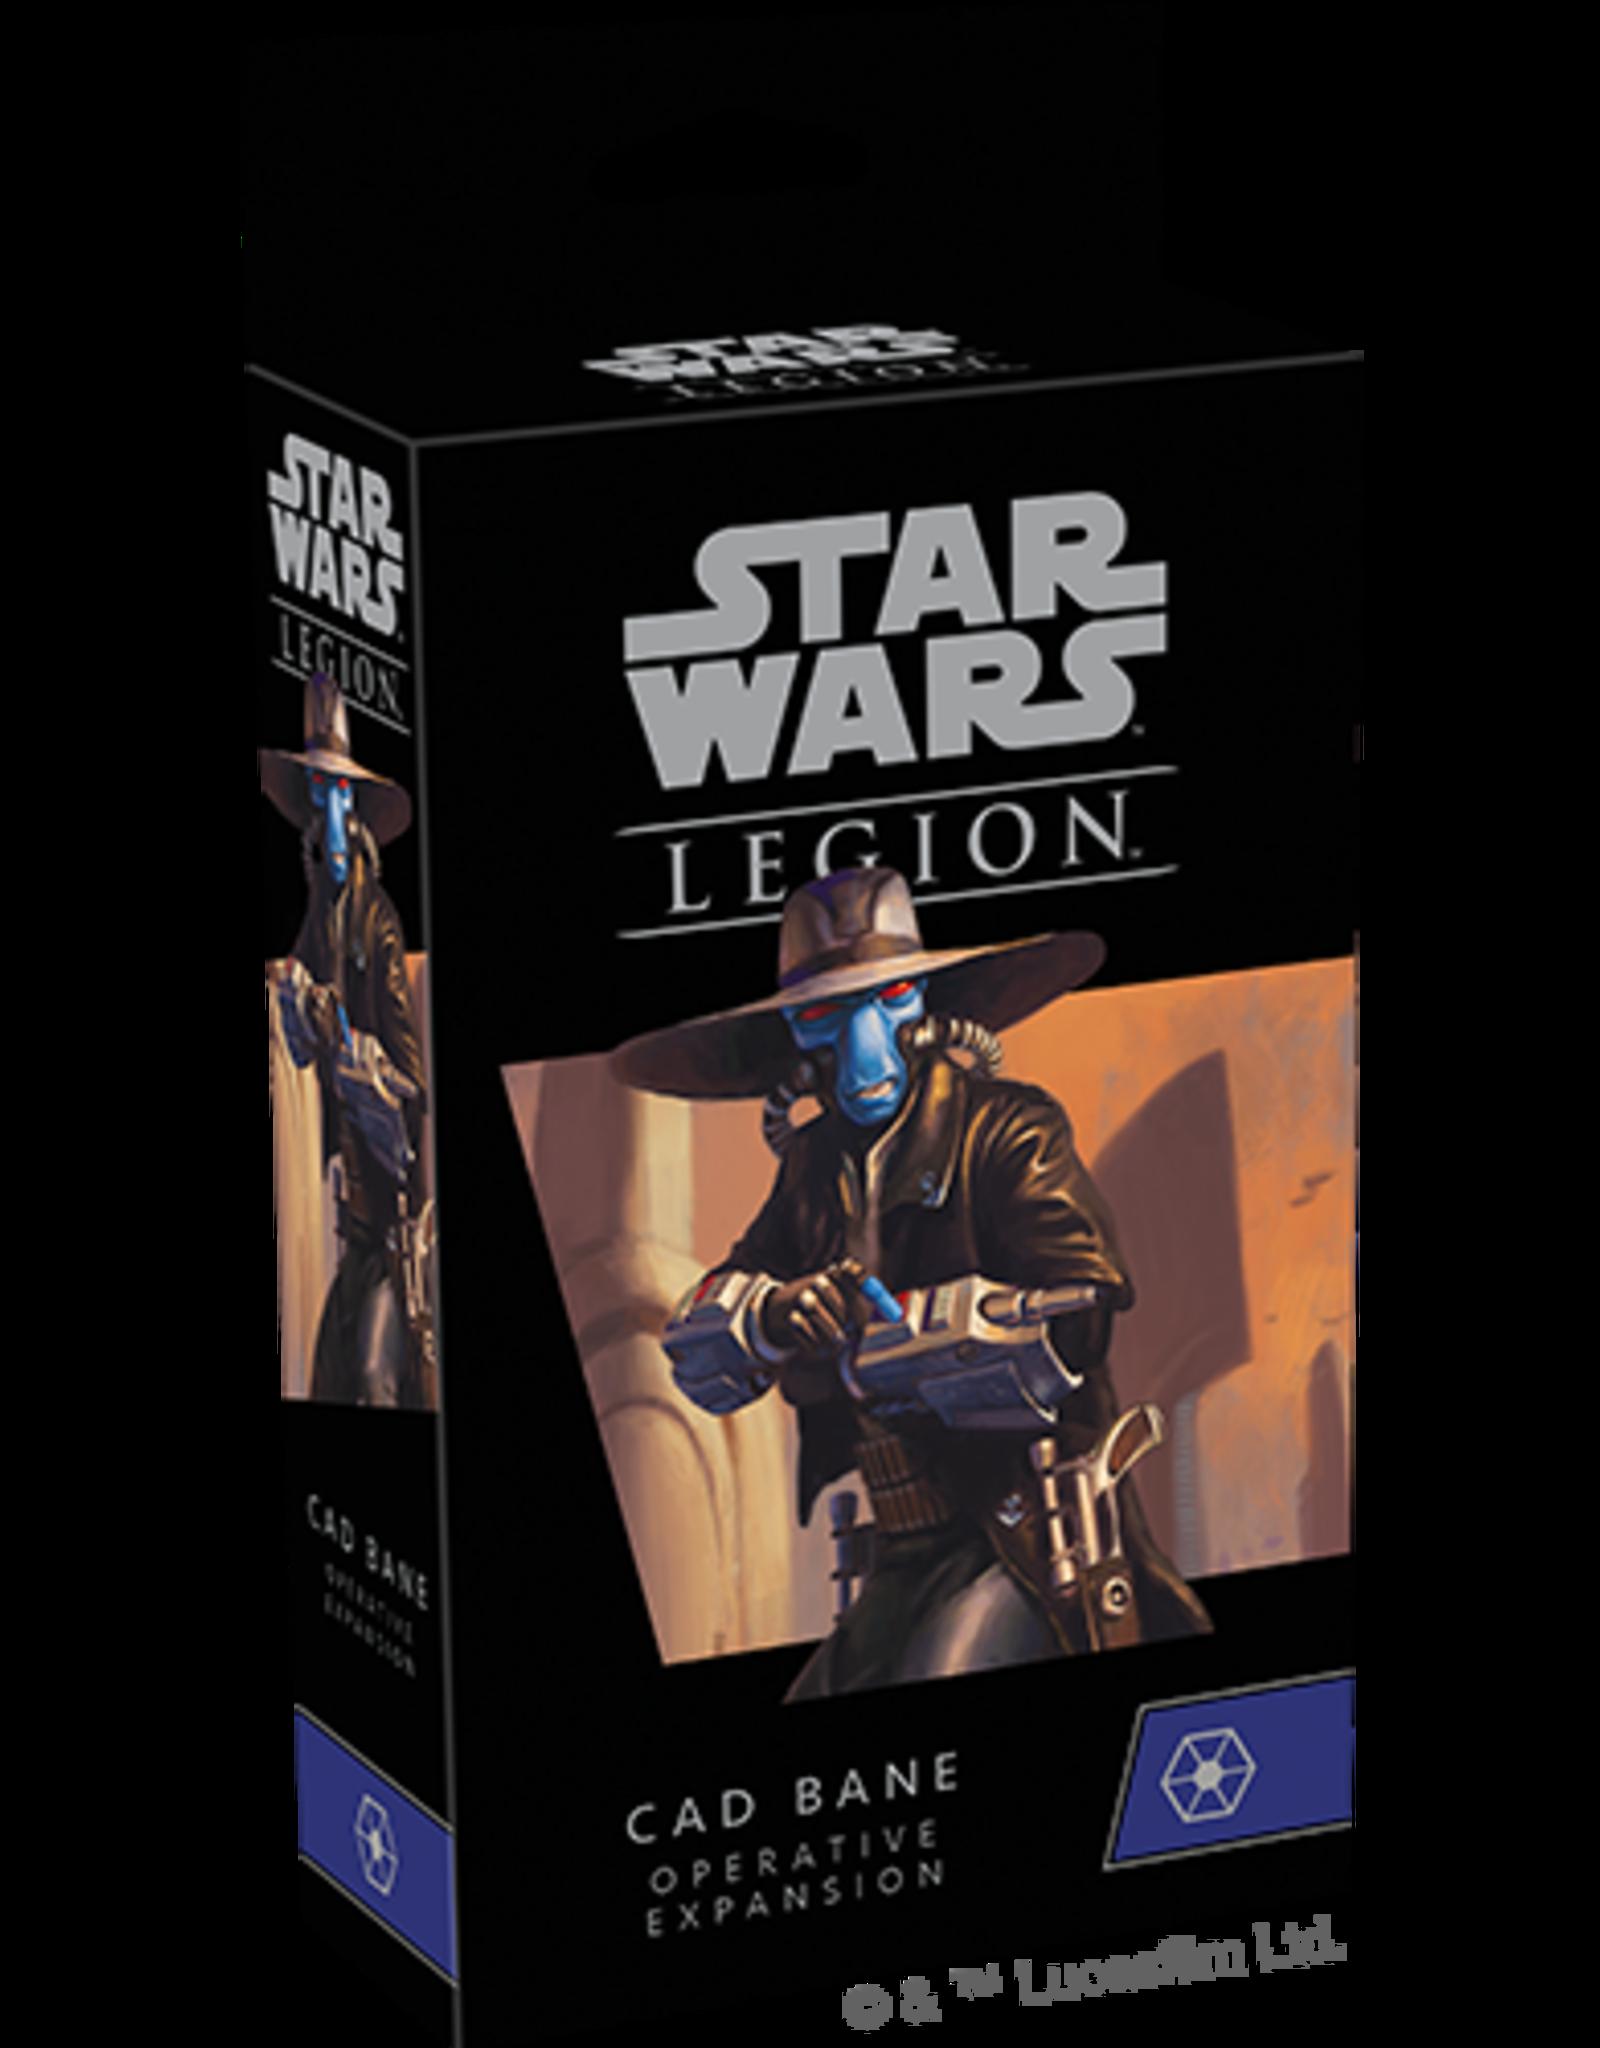 FFG Star Wars Legion: Cad Bane Operative Expansion